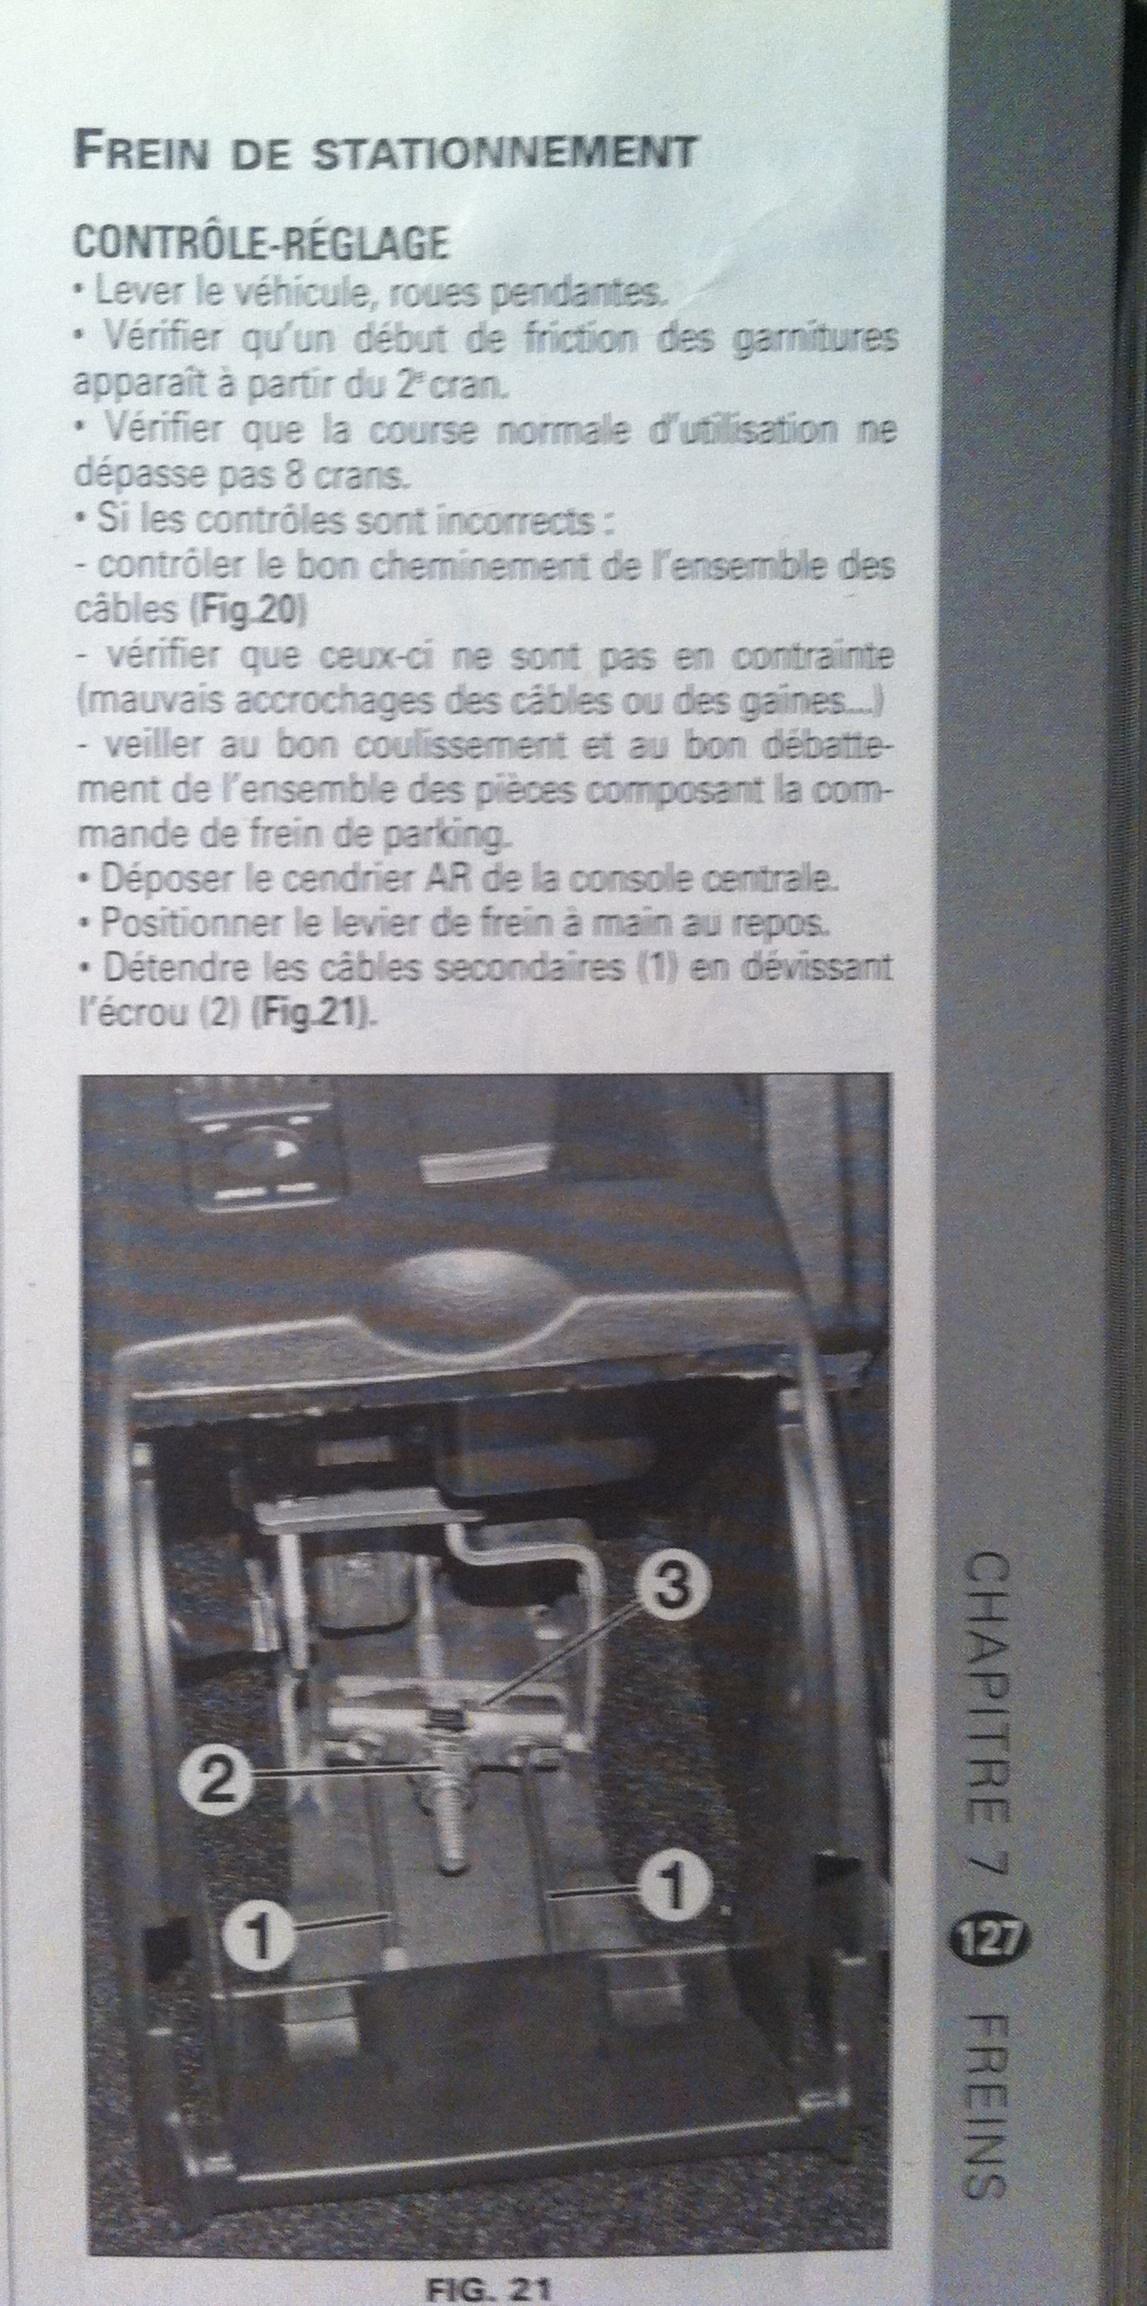 probleme de reglage du frein a main sur 307 peugeot 307 diesel auto evasion forum auto. Black Bedroom Furniture Sets. Home Design Ideas